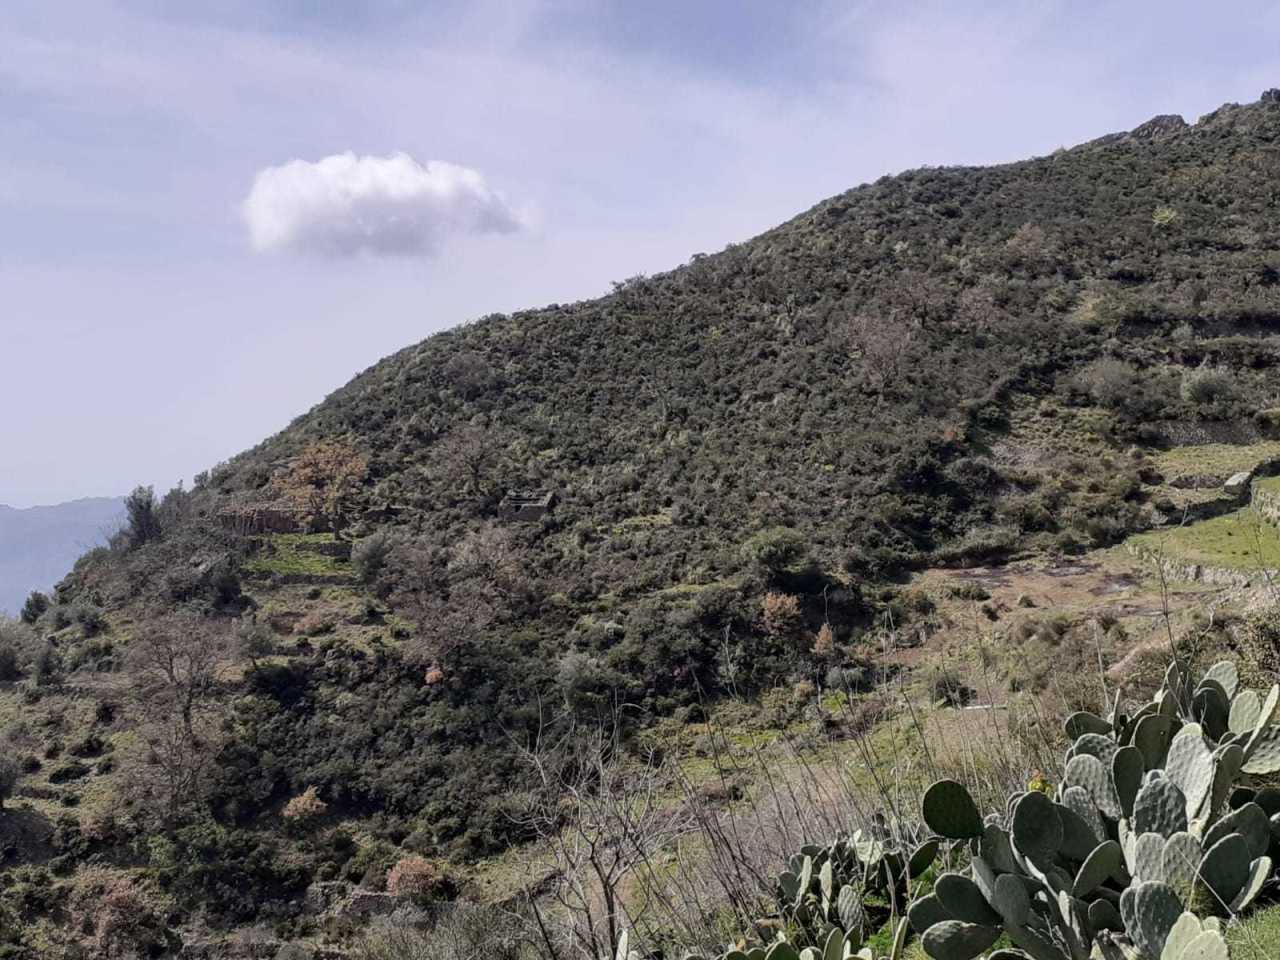 Terreno Agricolo in vendita a Bova, 1 locali, prezzo € 32.000 | CambioCasa.it